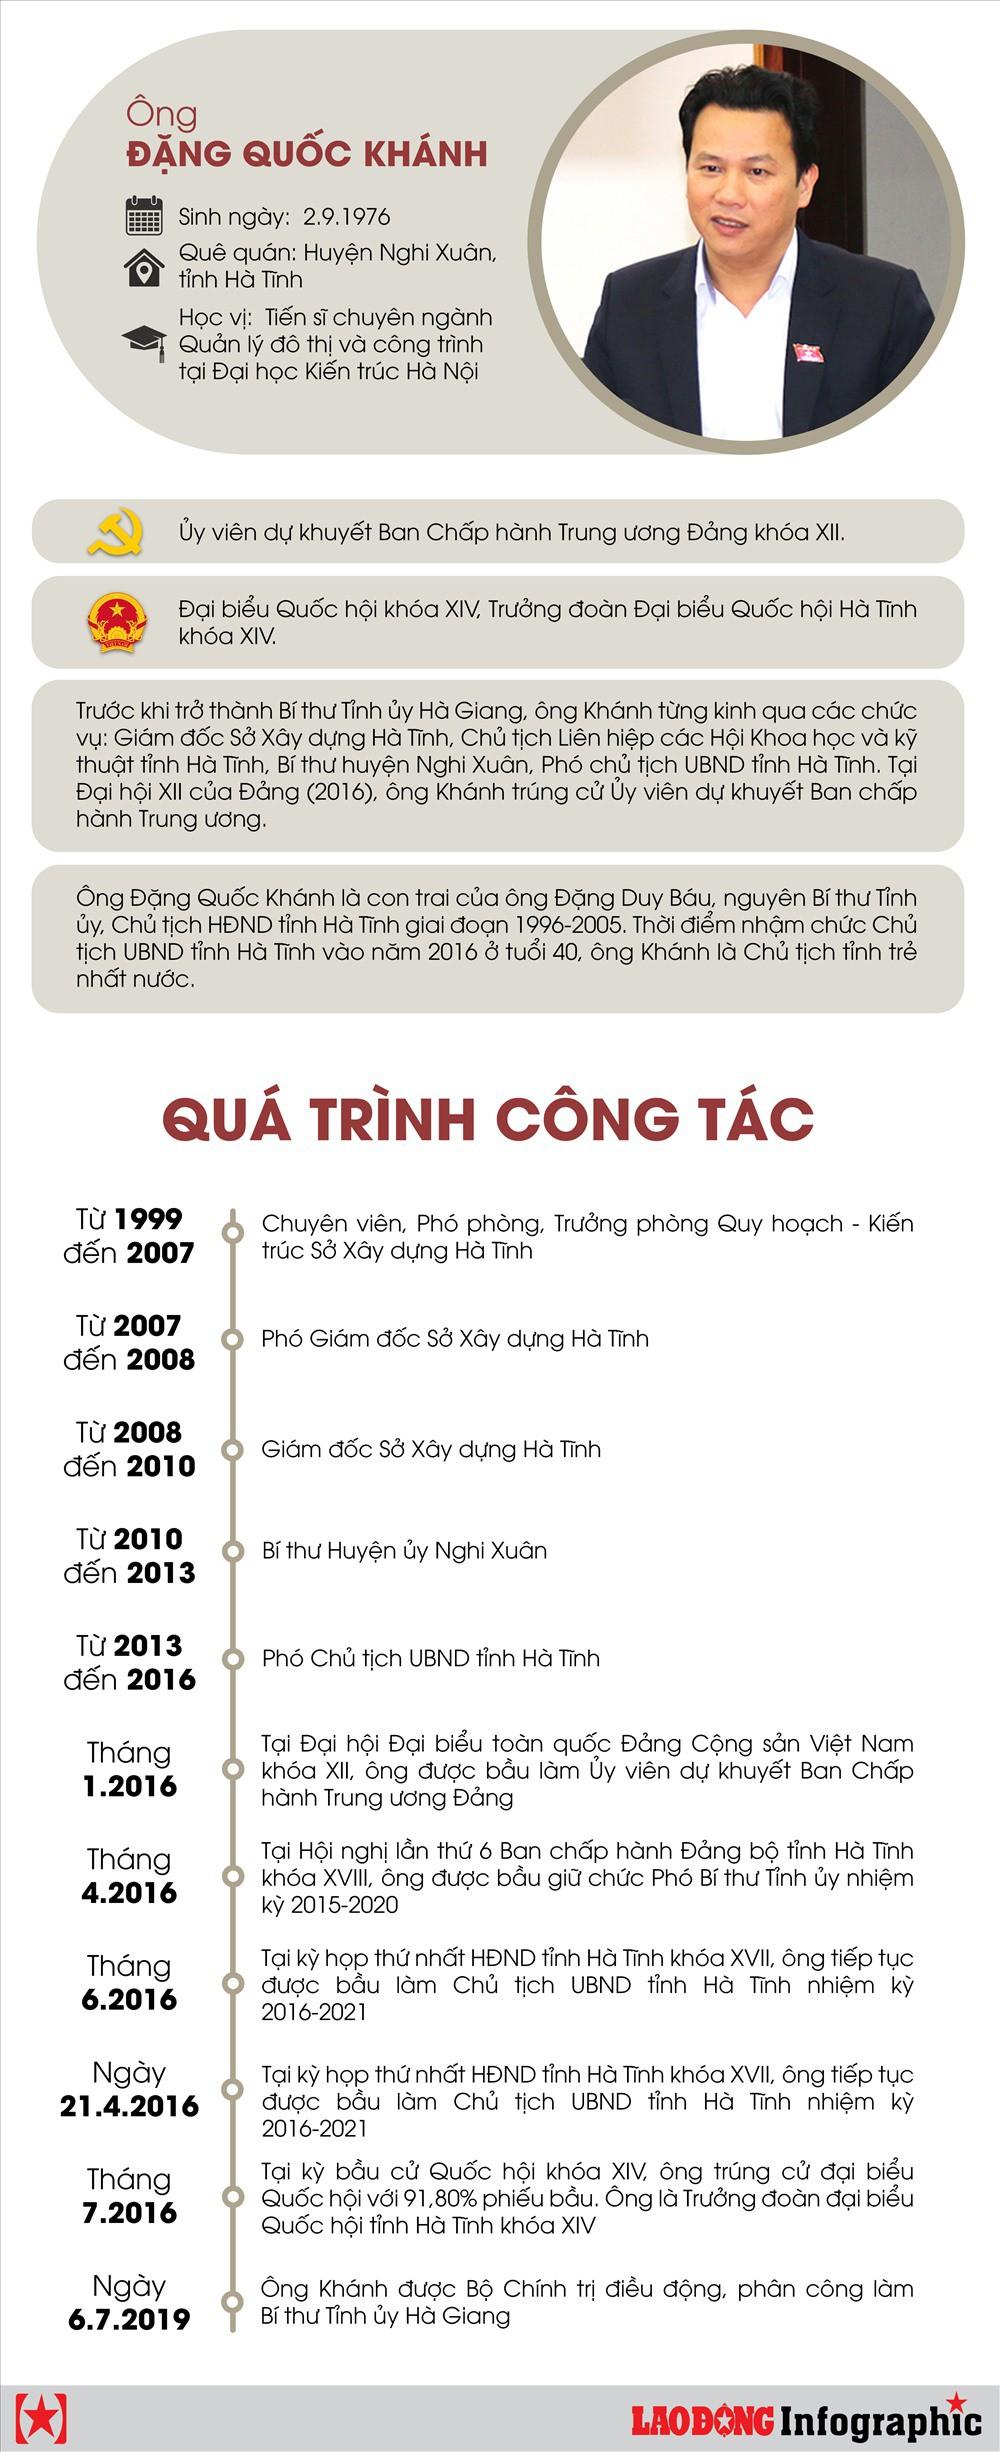 Infographic: Chân dung tân Bí thư Tỉnh ủy Hà Giang Đặng Quốc Khánh - Ảnh 1.